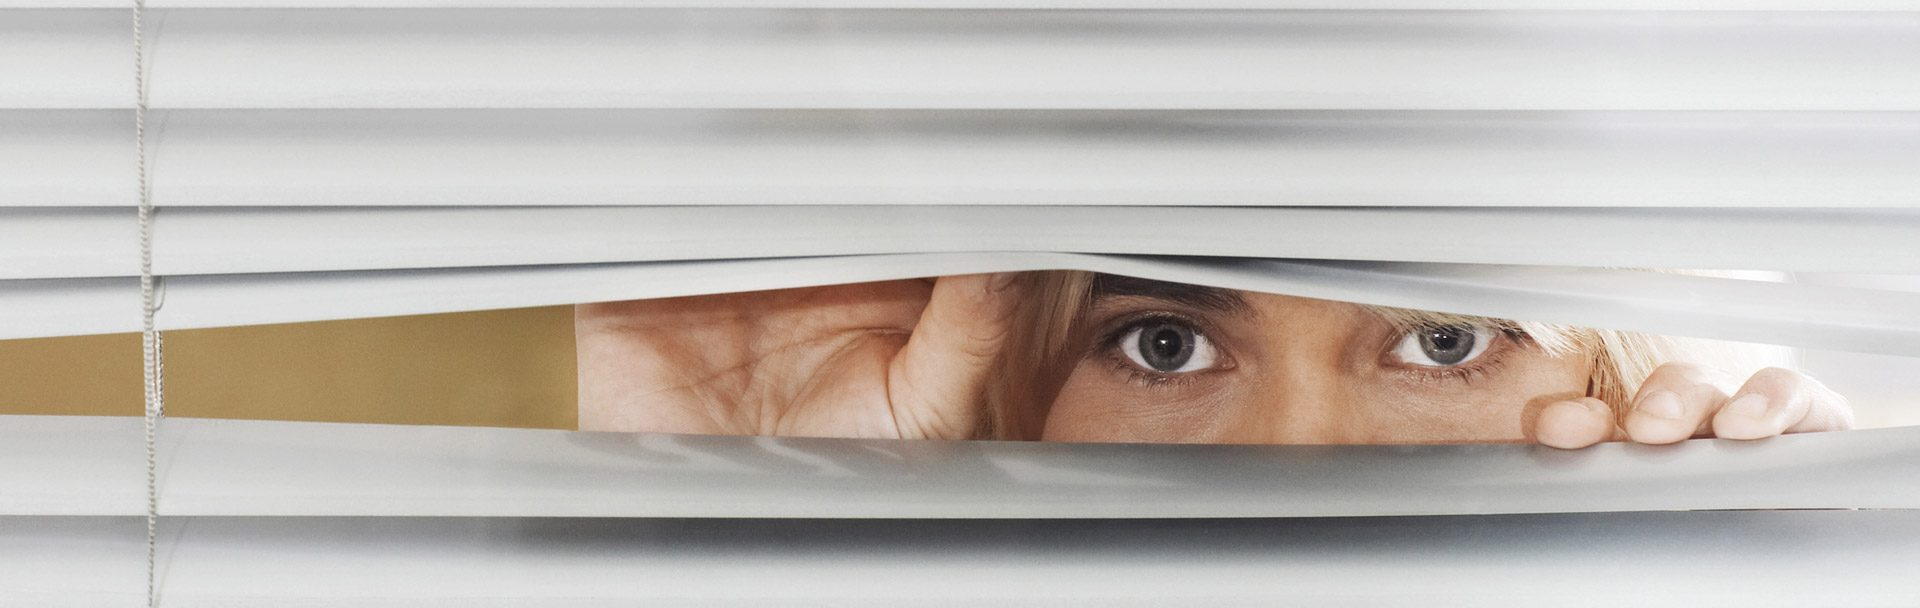 Blog: 5 redenen om als datagedreven organisatie extra aandacht te besteden aan privacy - Hot ITem